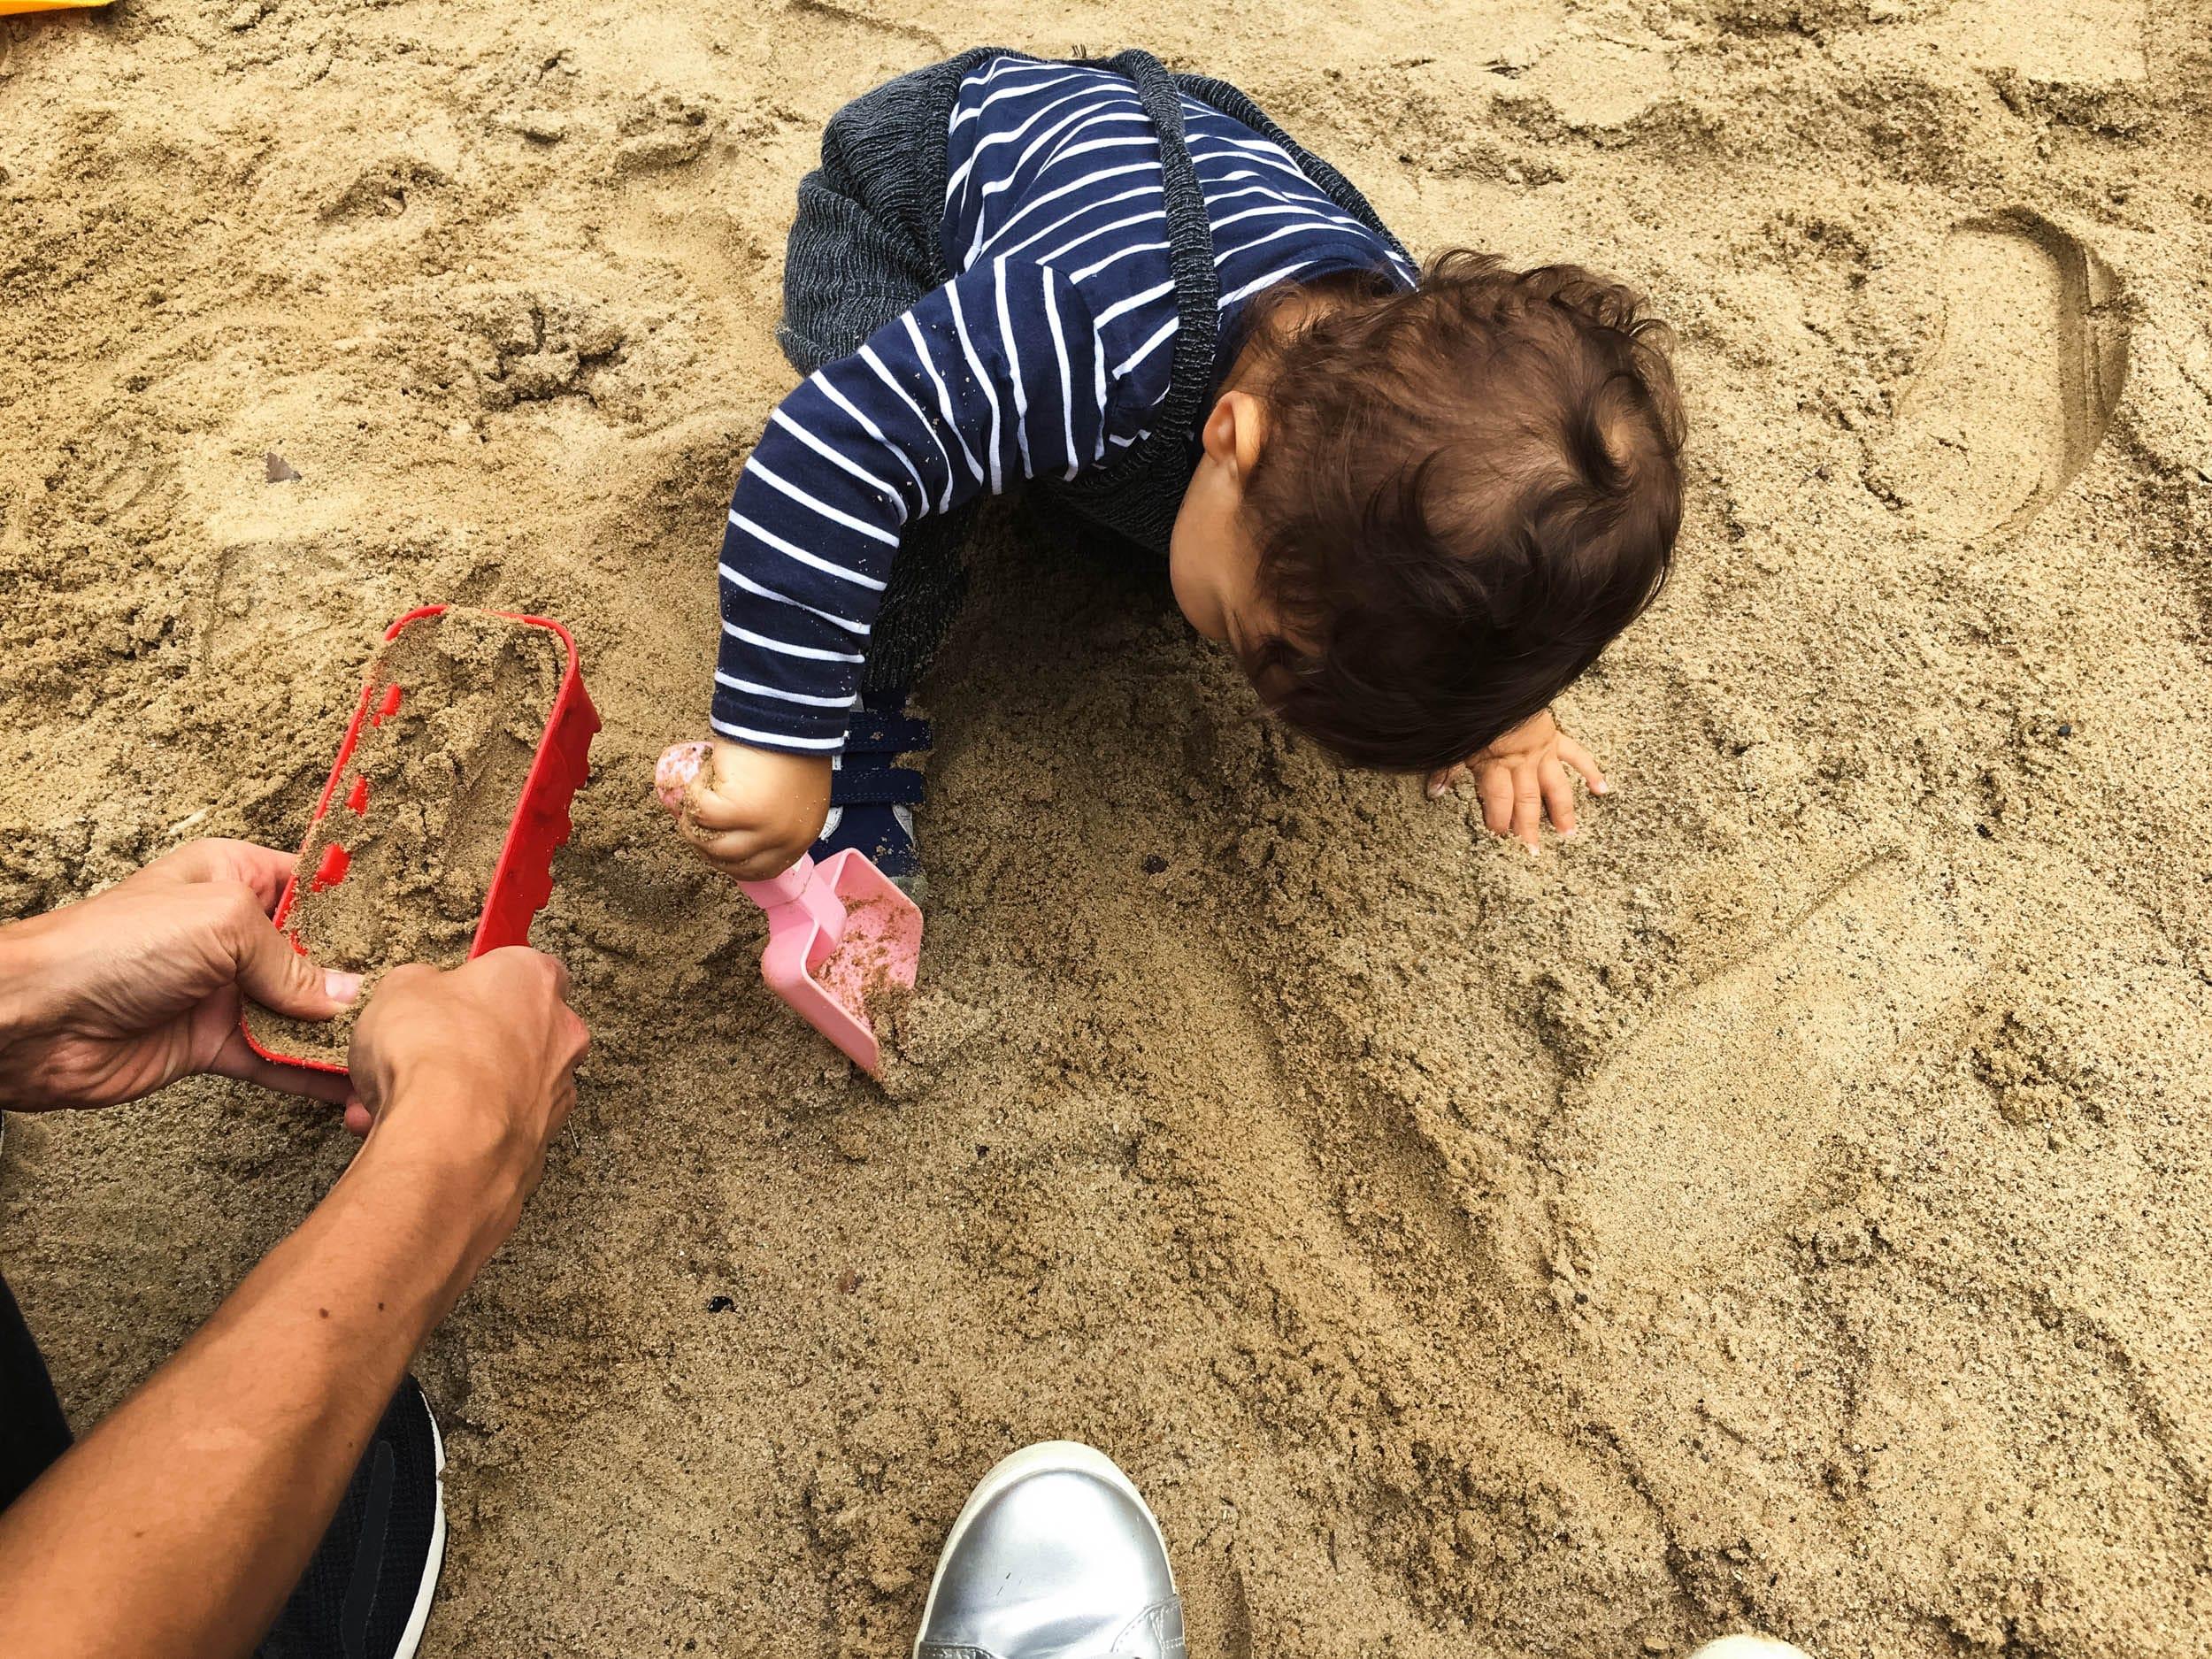 Wochenende in Bildern | Leben mit Kind | Alltag | Sandkiste | ivy.li